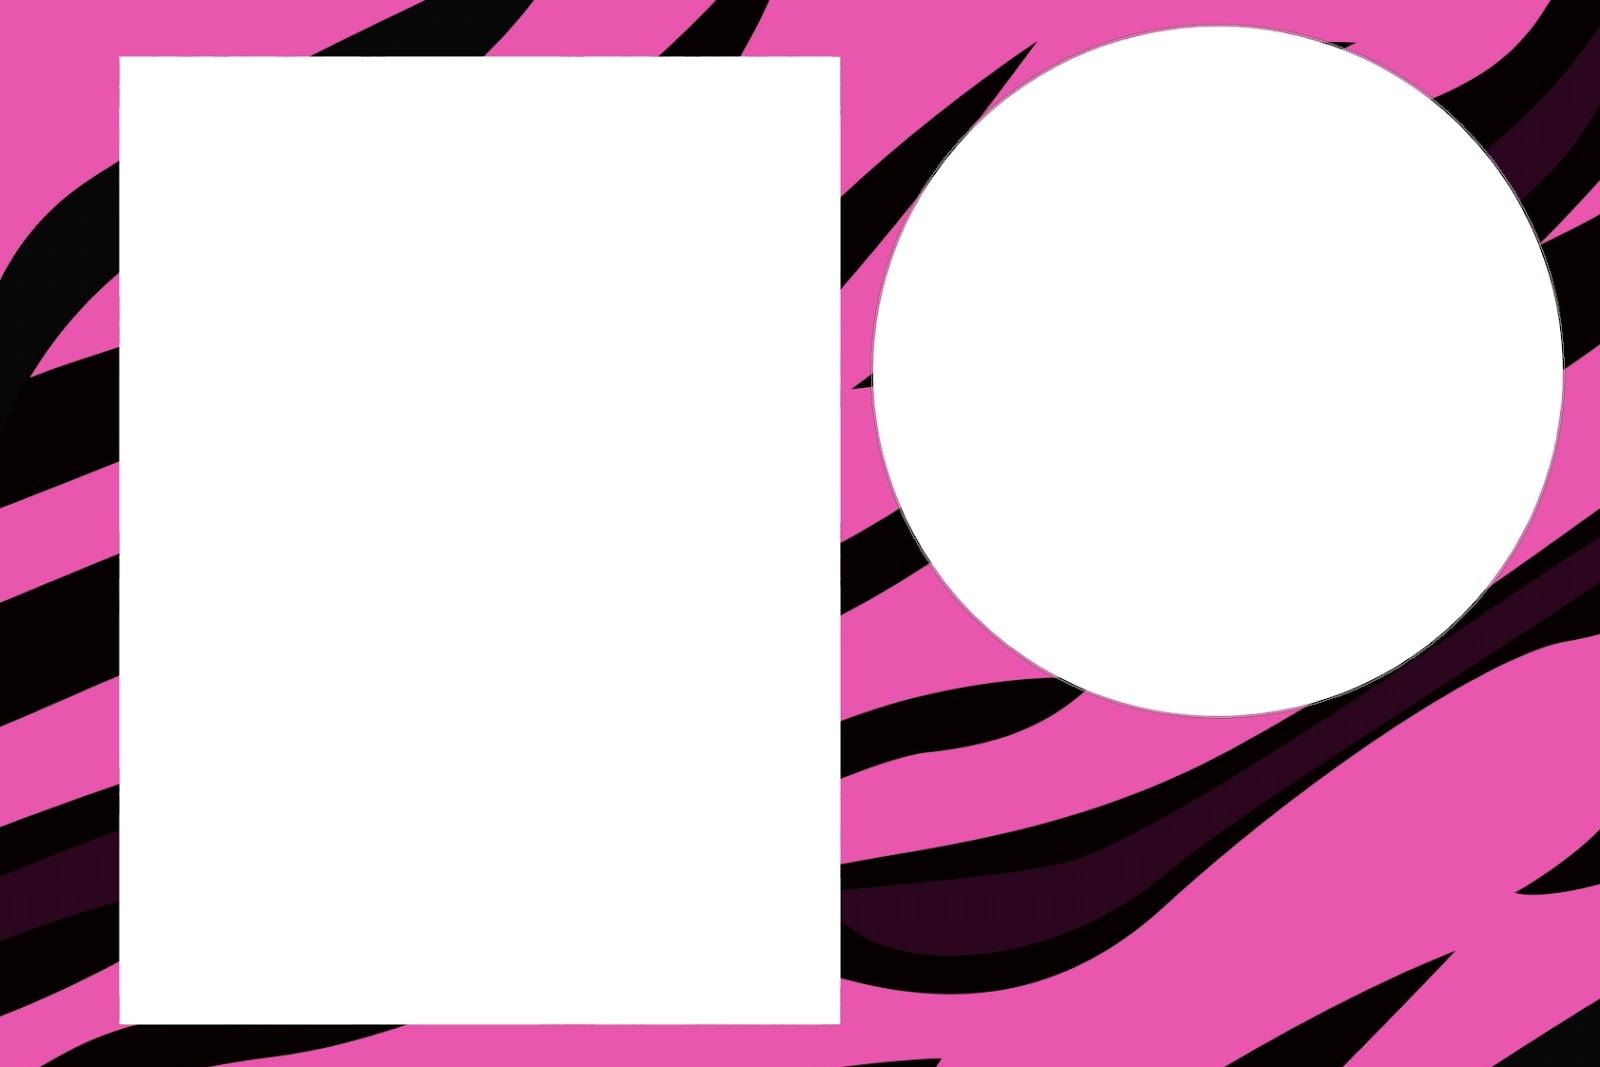 Aproveitem estes convites prontos de Zebra e Oncinha Pink e Preto, na